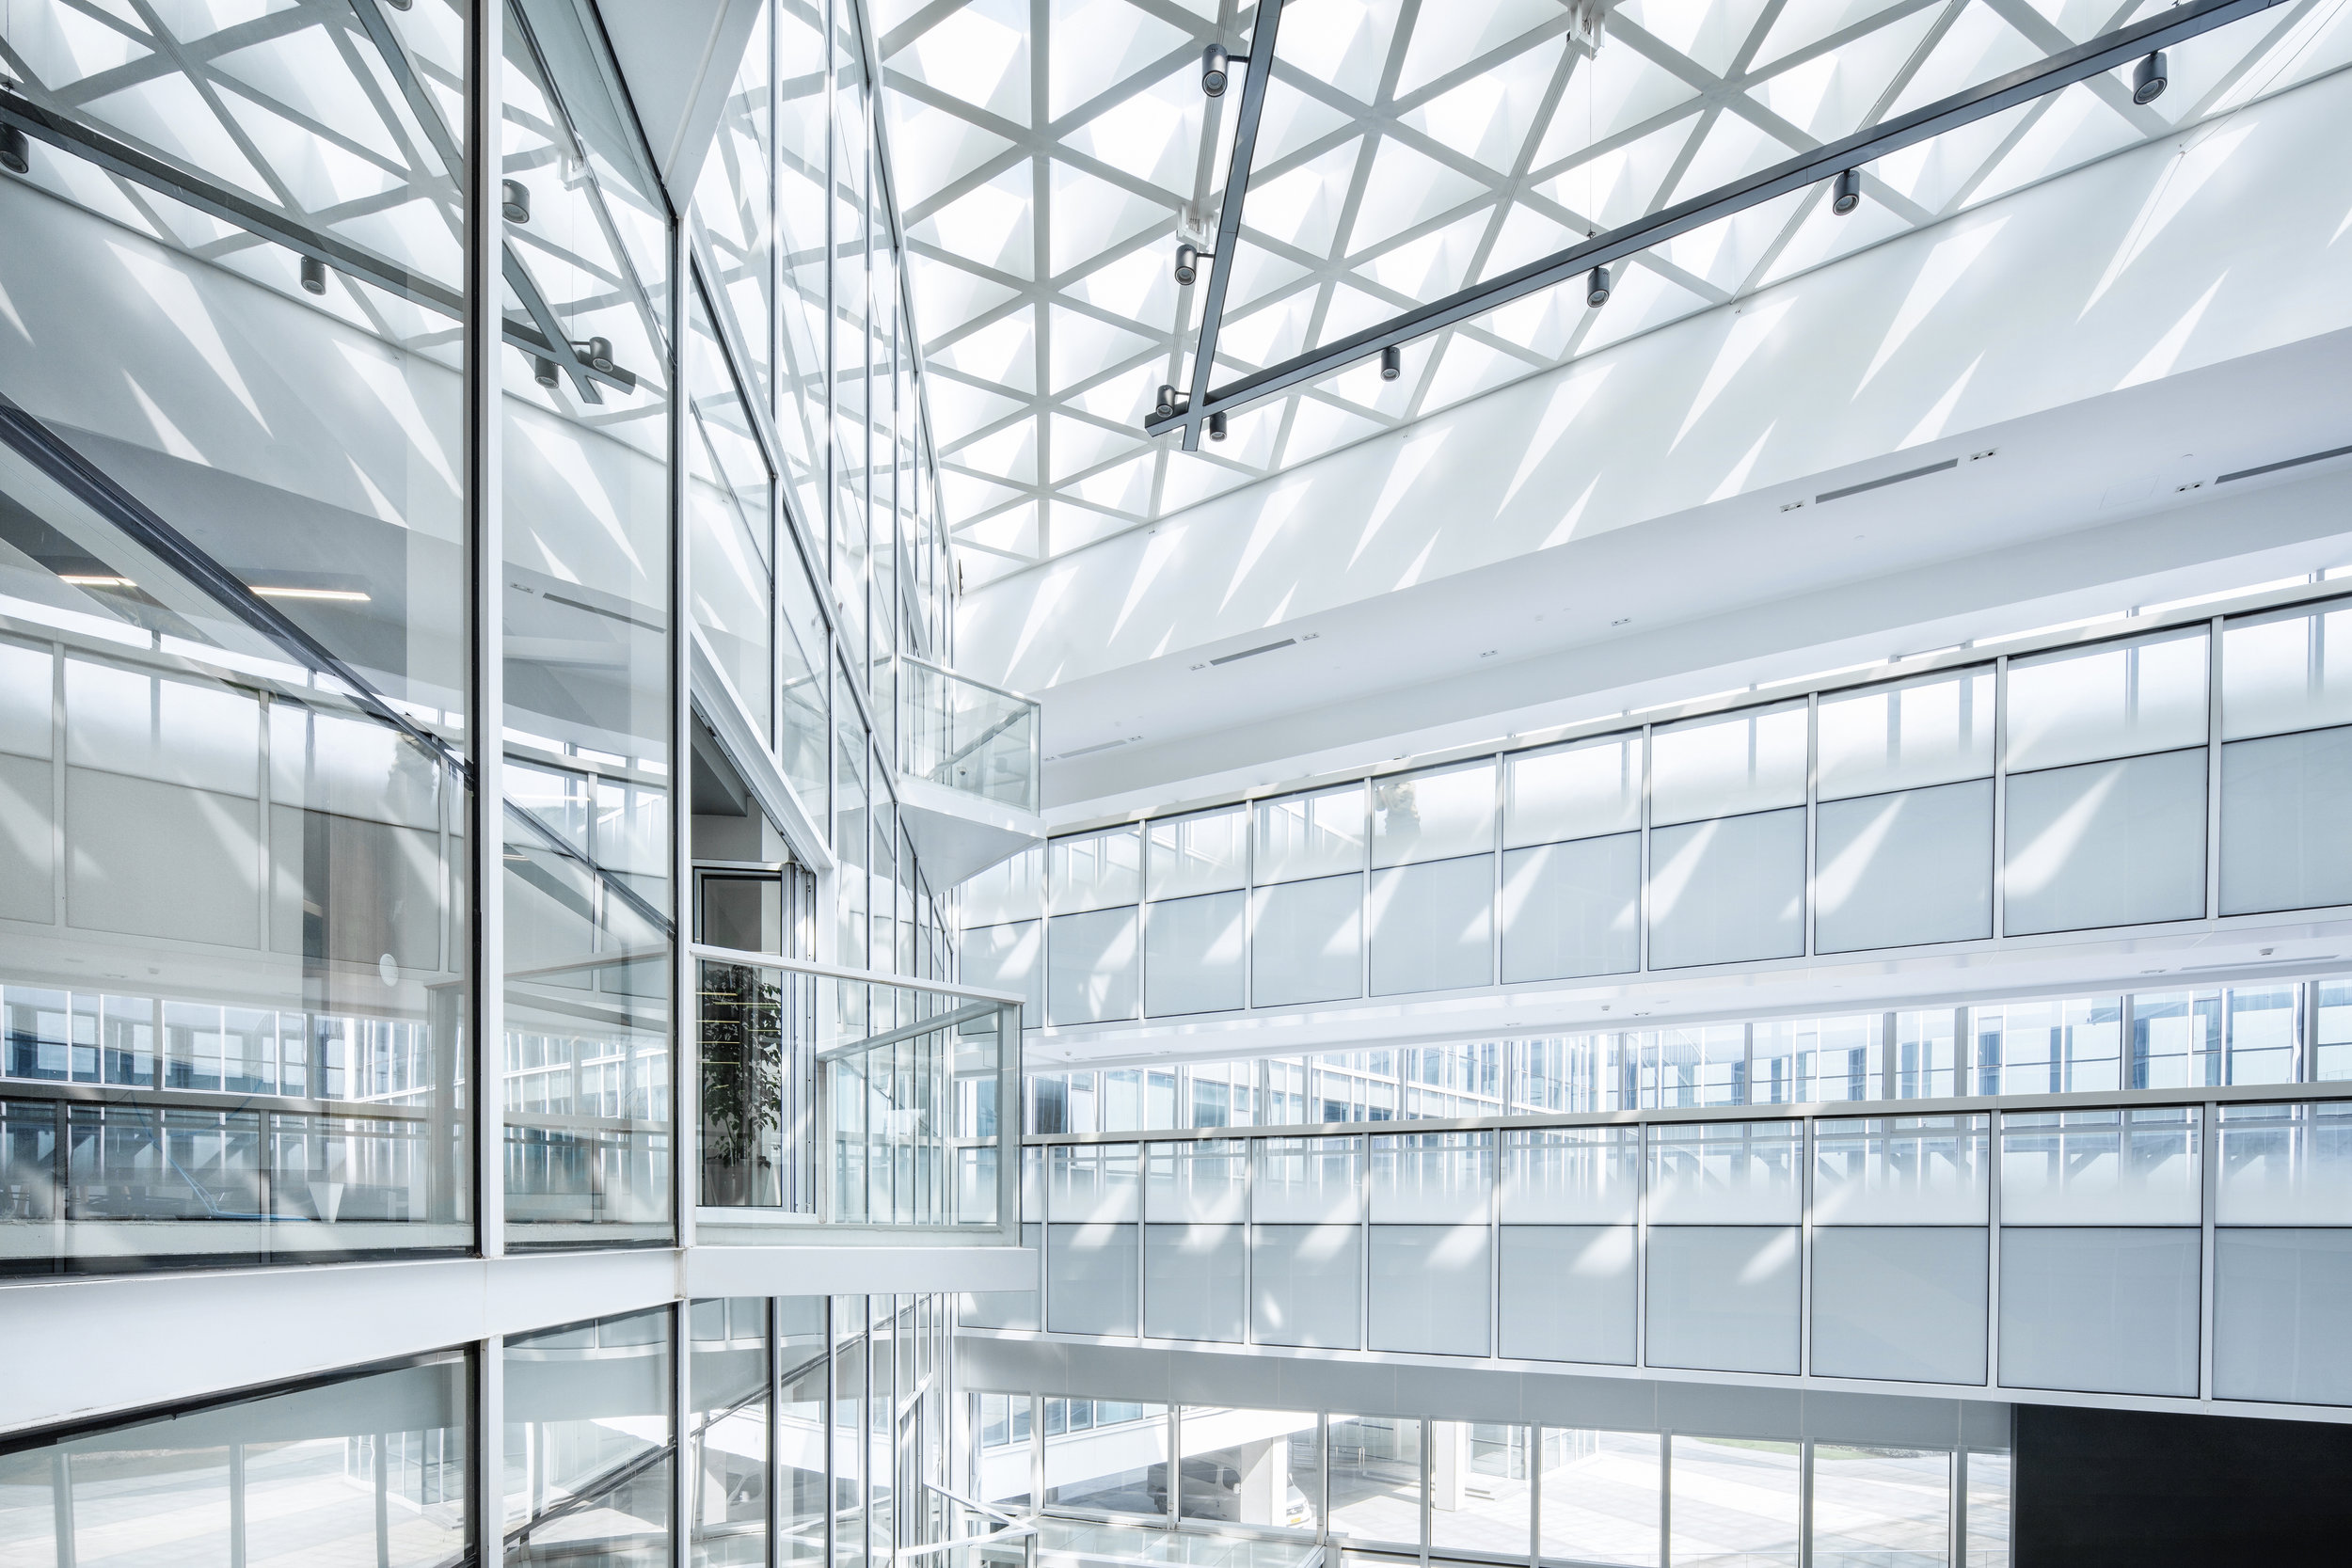 Un colegio moderno - El Colegio entra en el Siglo XXI